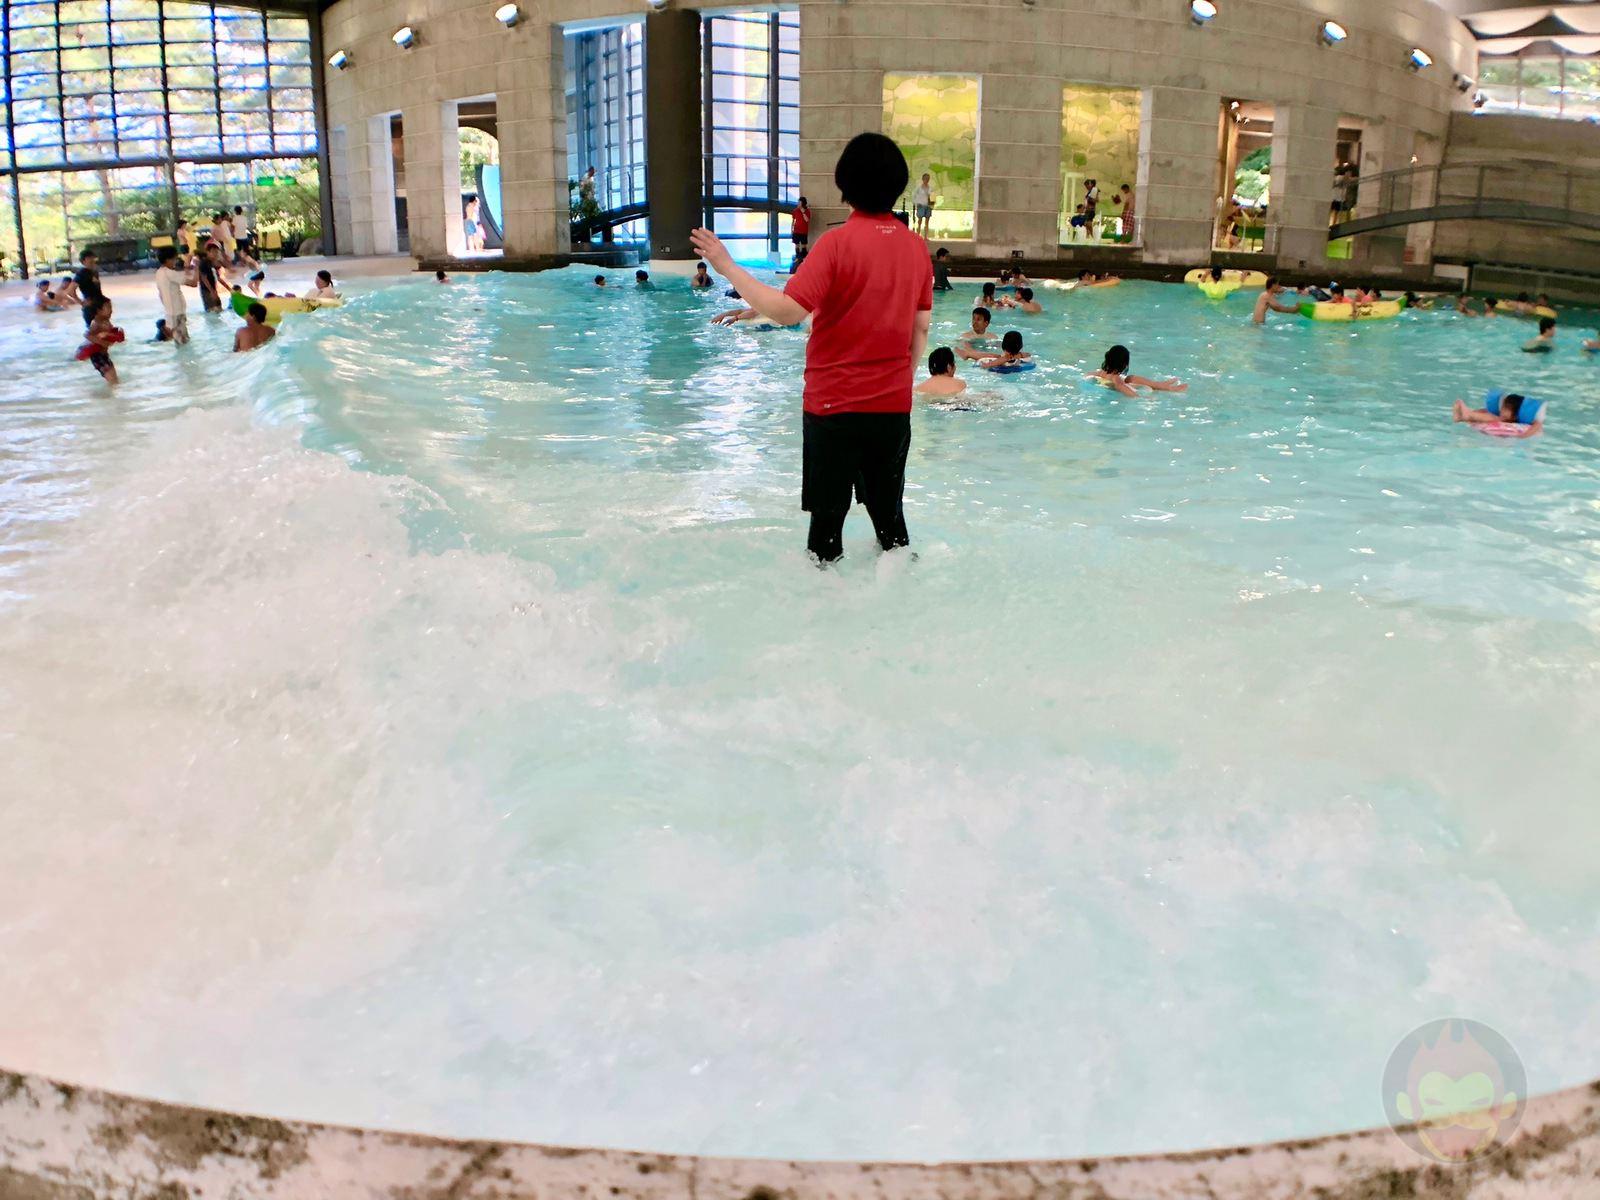 Hoshino-Resonalre-Yatsugatake-Pool-04.jpg